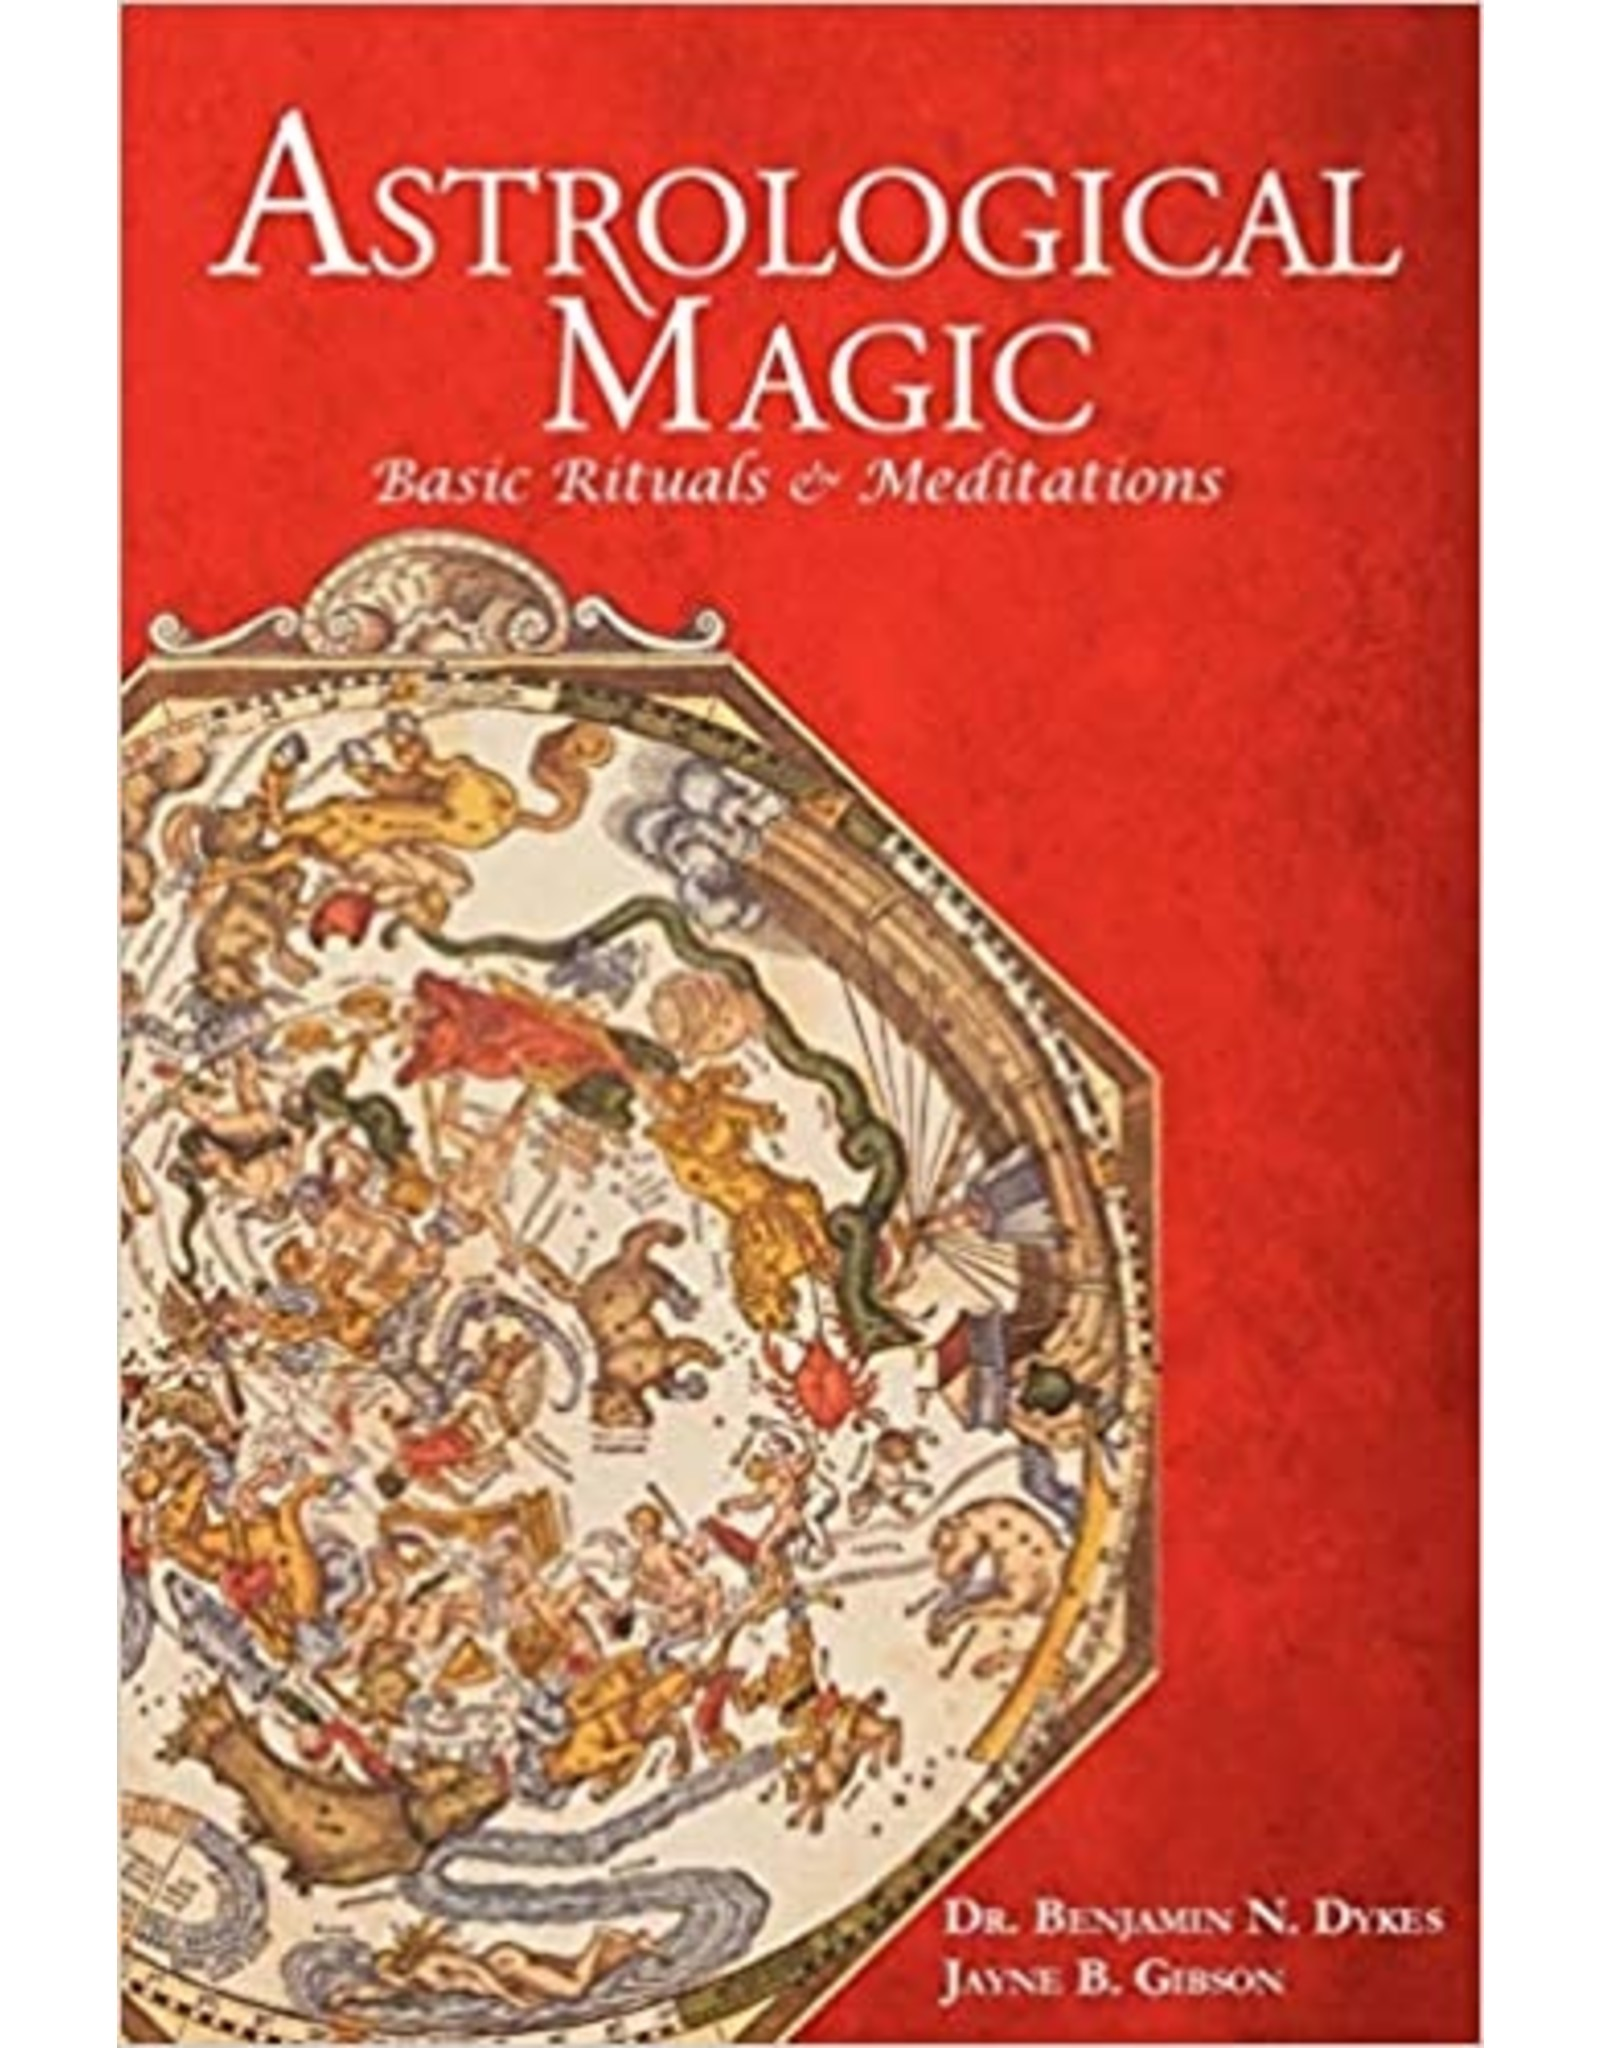 Astrological Magic: Basic Rituals & Meditations